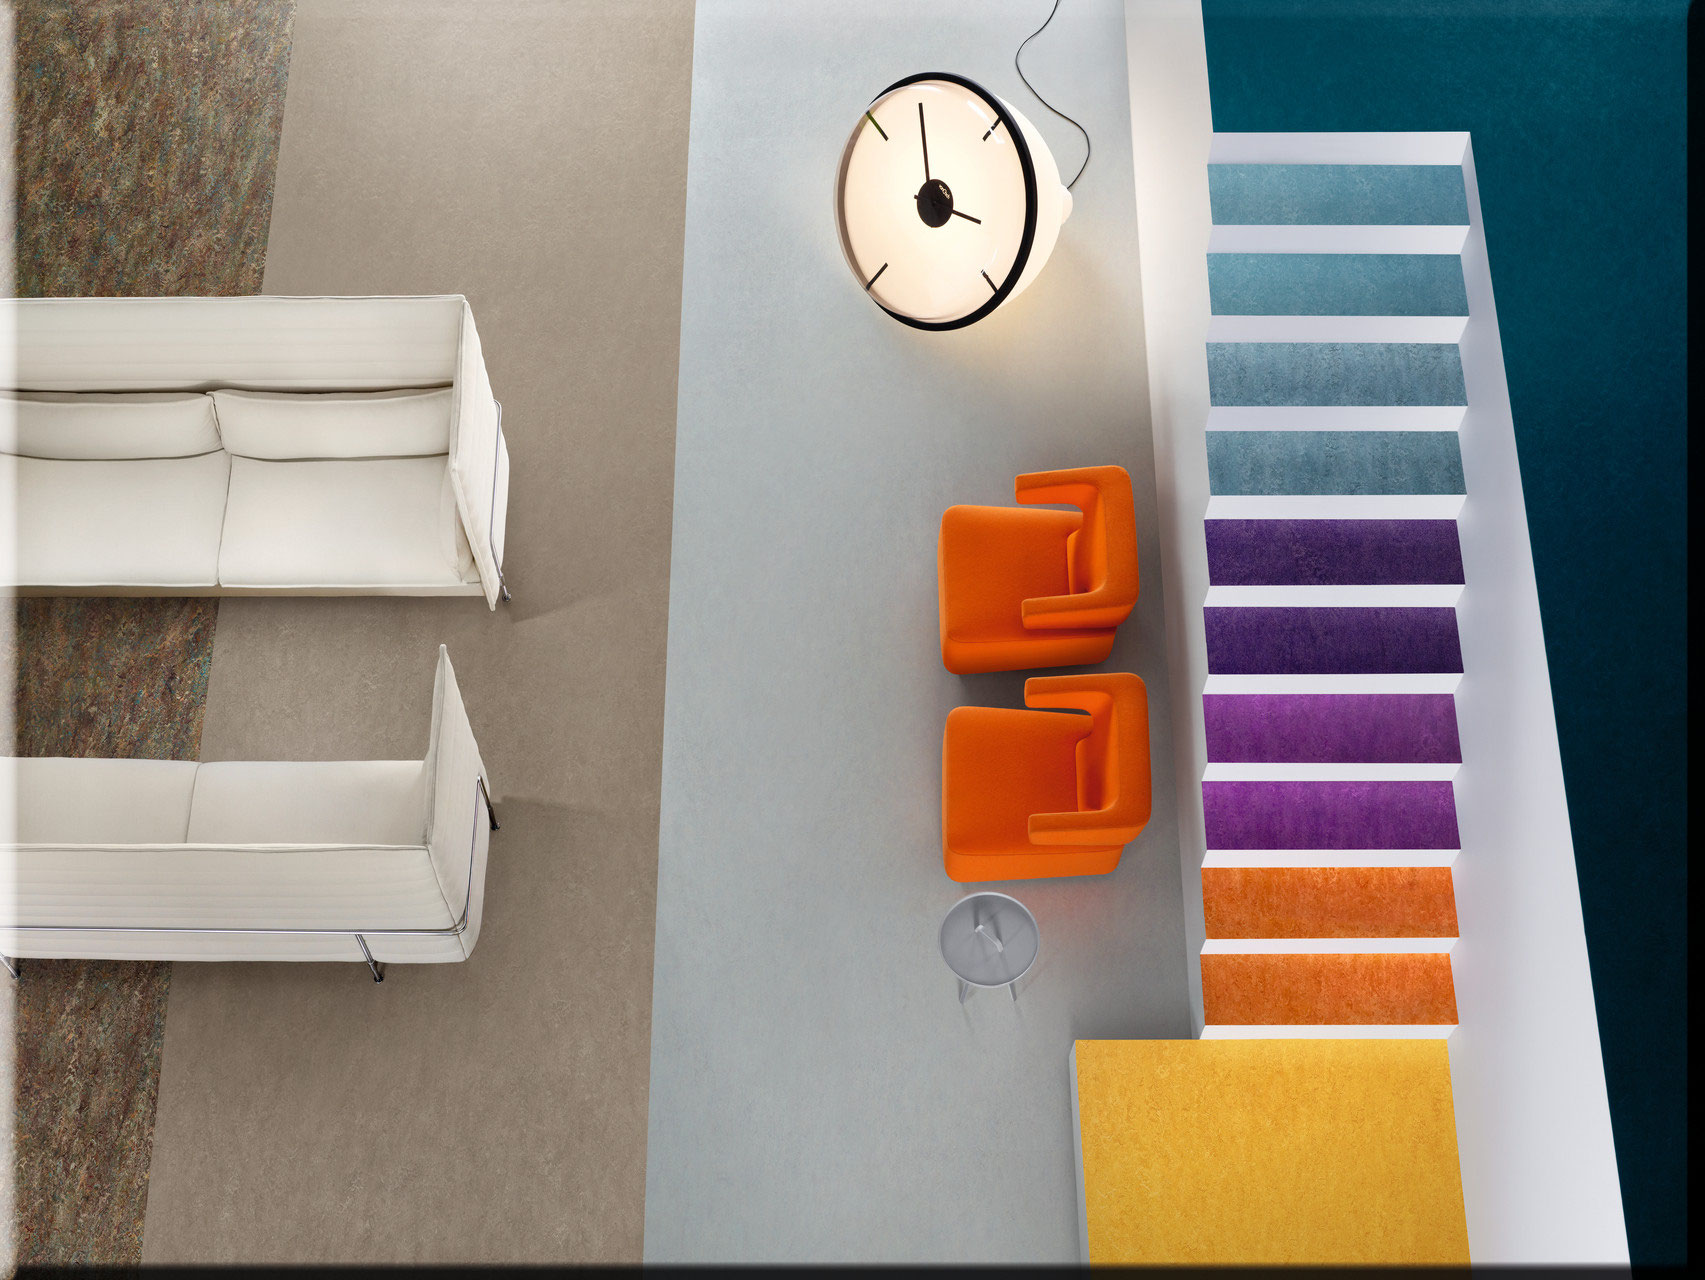 dg daniel gruenig bodenbelaege. Black Bedroom Furniture Sets. Home Design Ideas